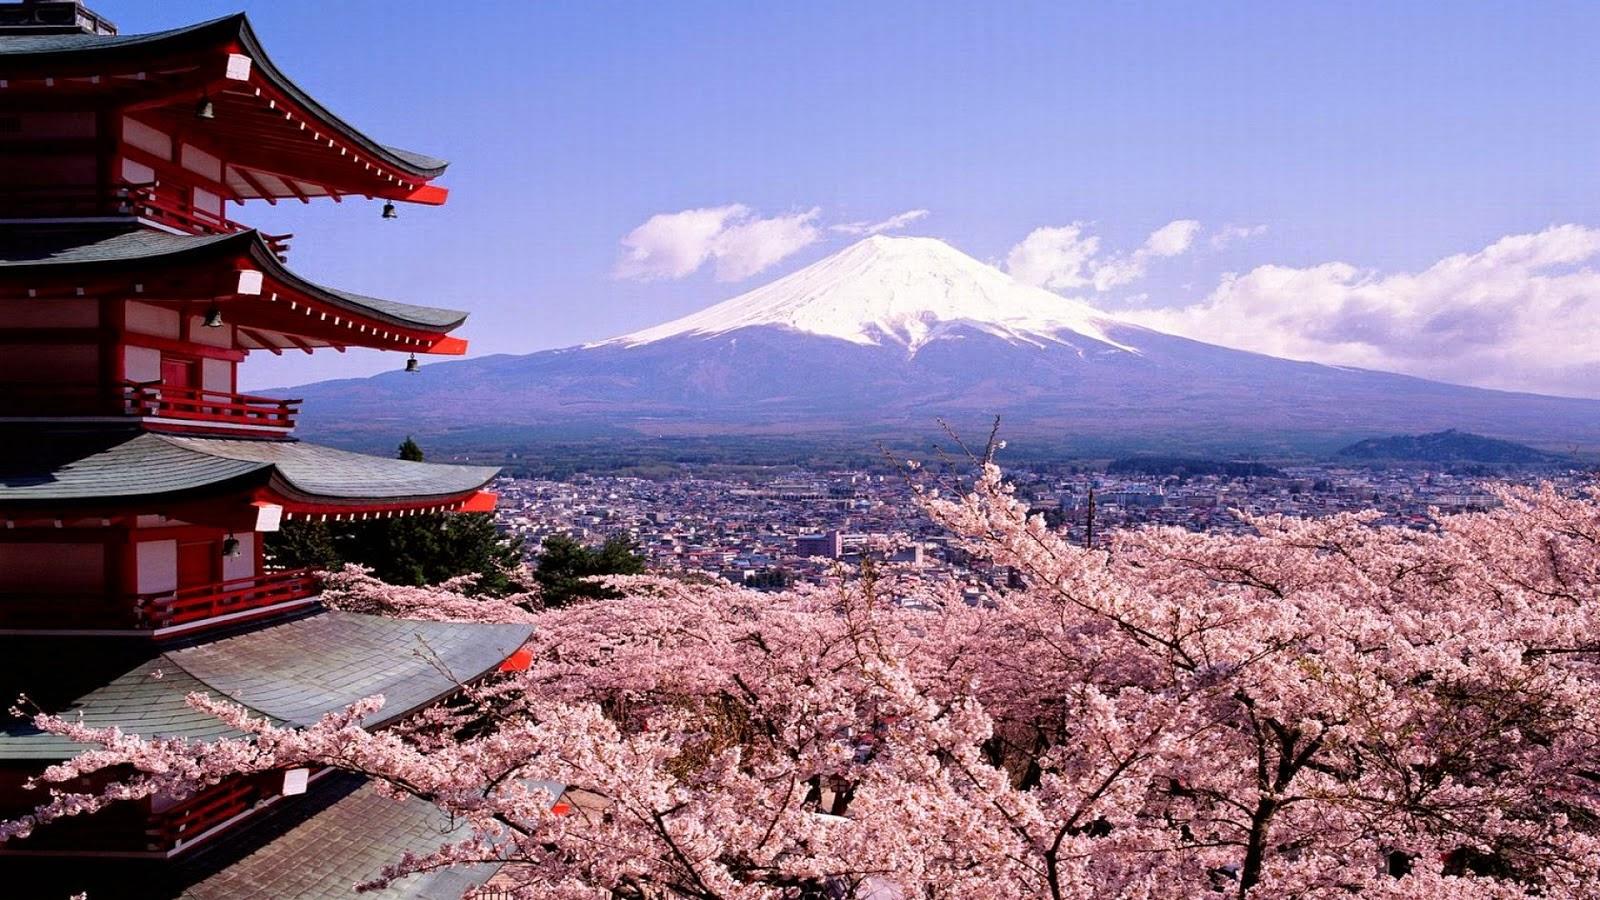 Panduan & Tips Lengkap Wisata ke Jepang buat Pemula